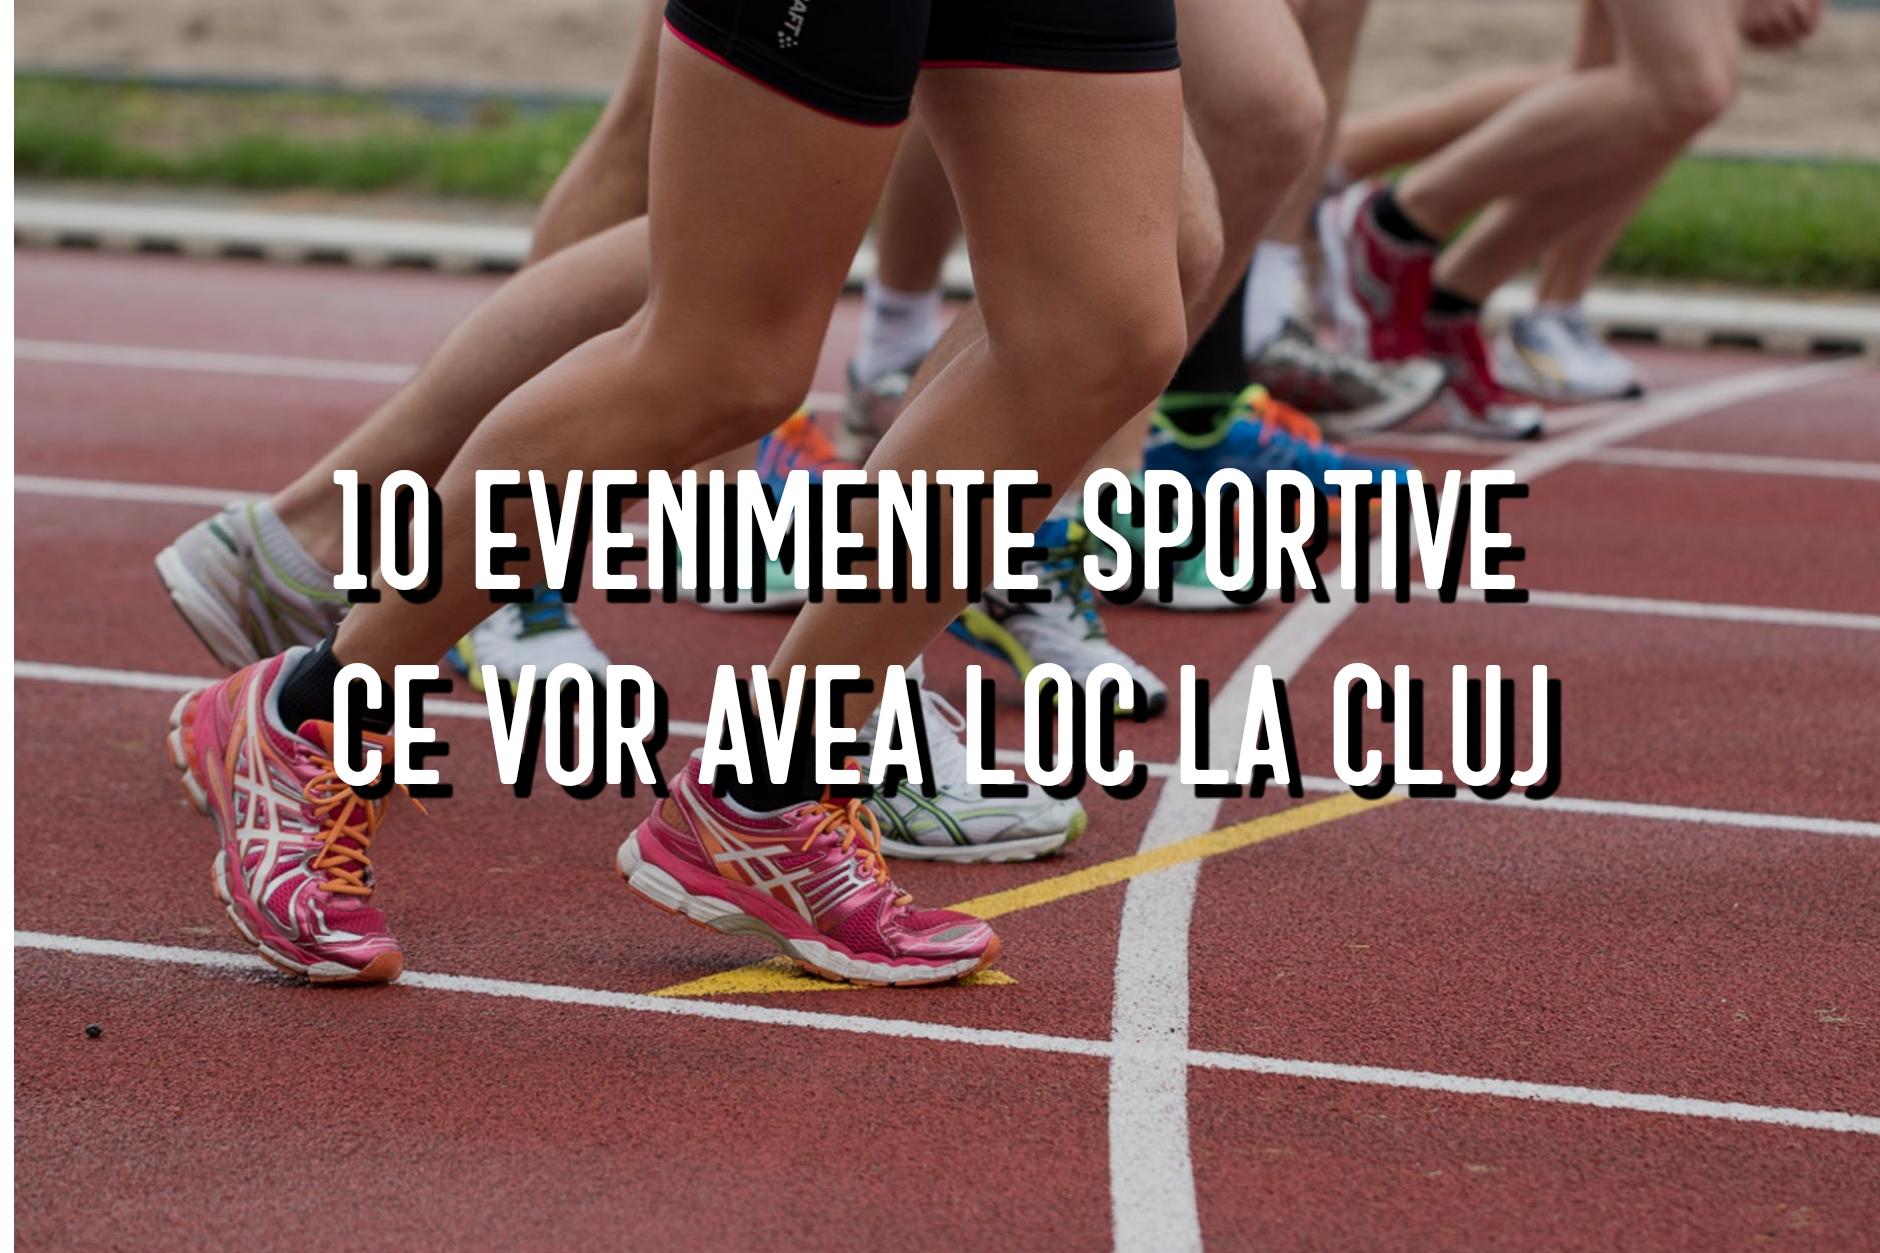 10 evenimente sportive ce vor avea loc în perioada următoare la Cluj